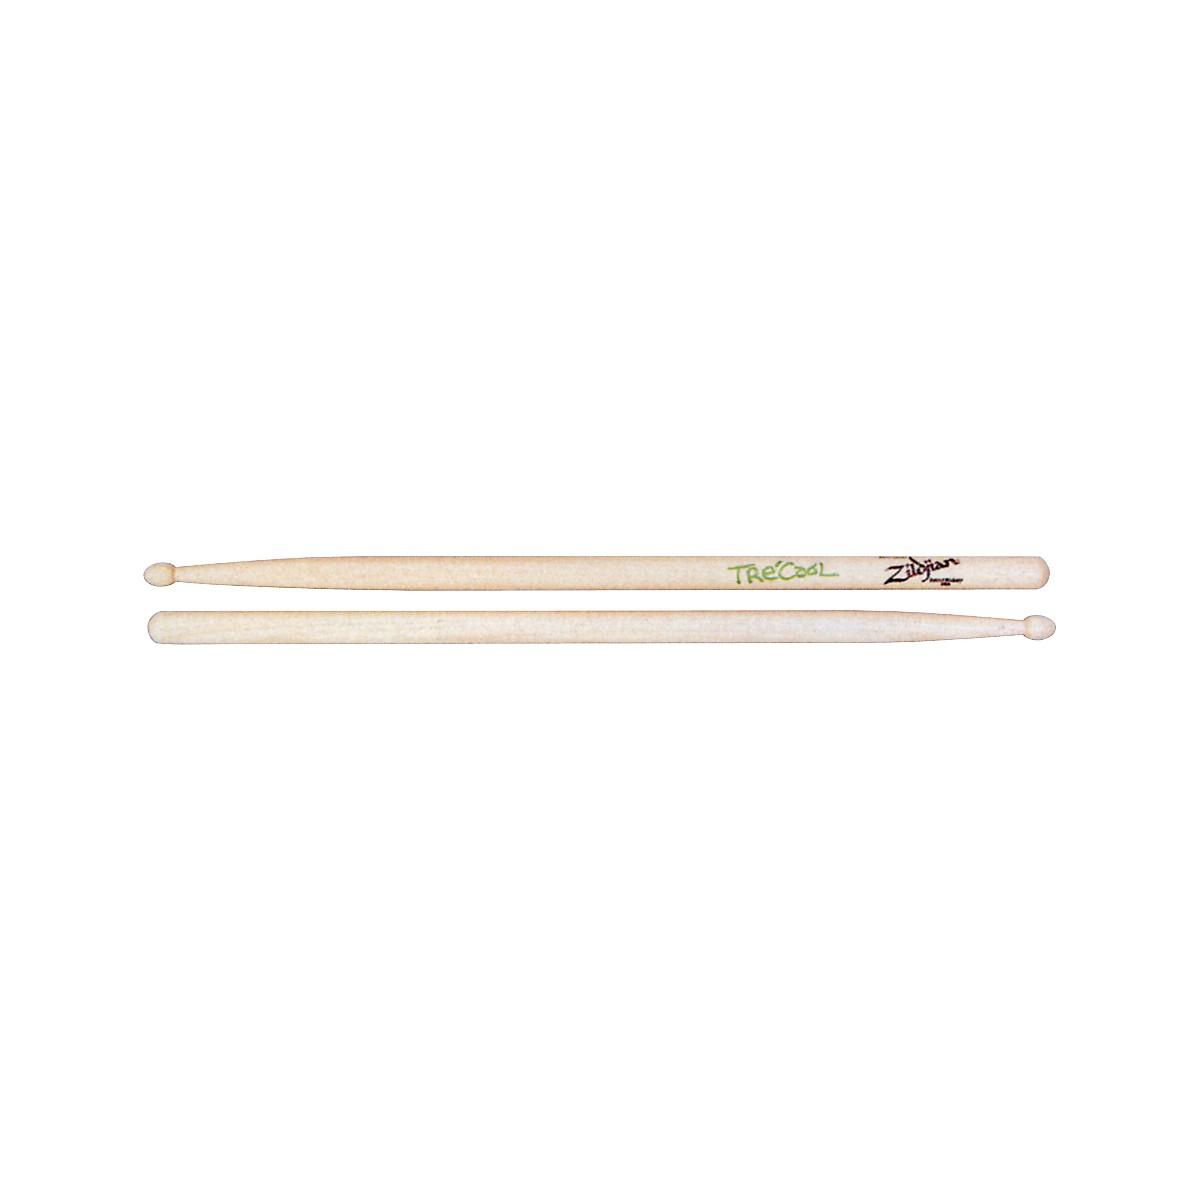 Zildjian Tre Cool Artist Series Signature Drumsticks